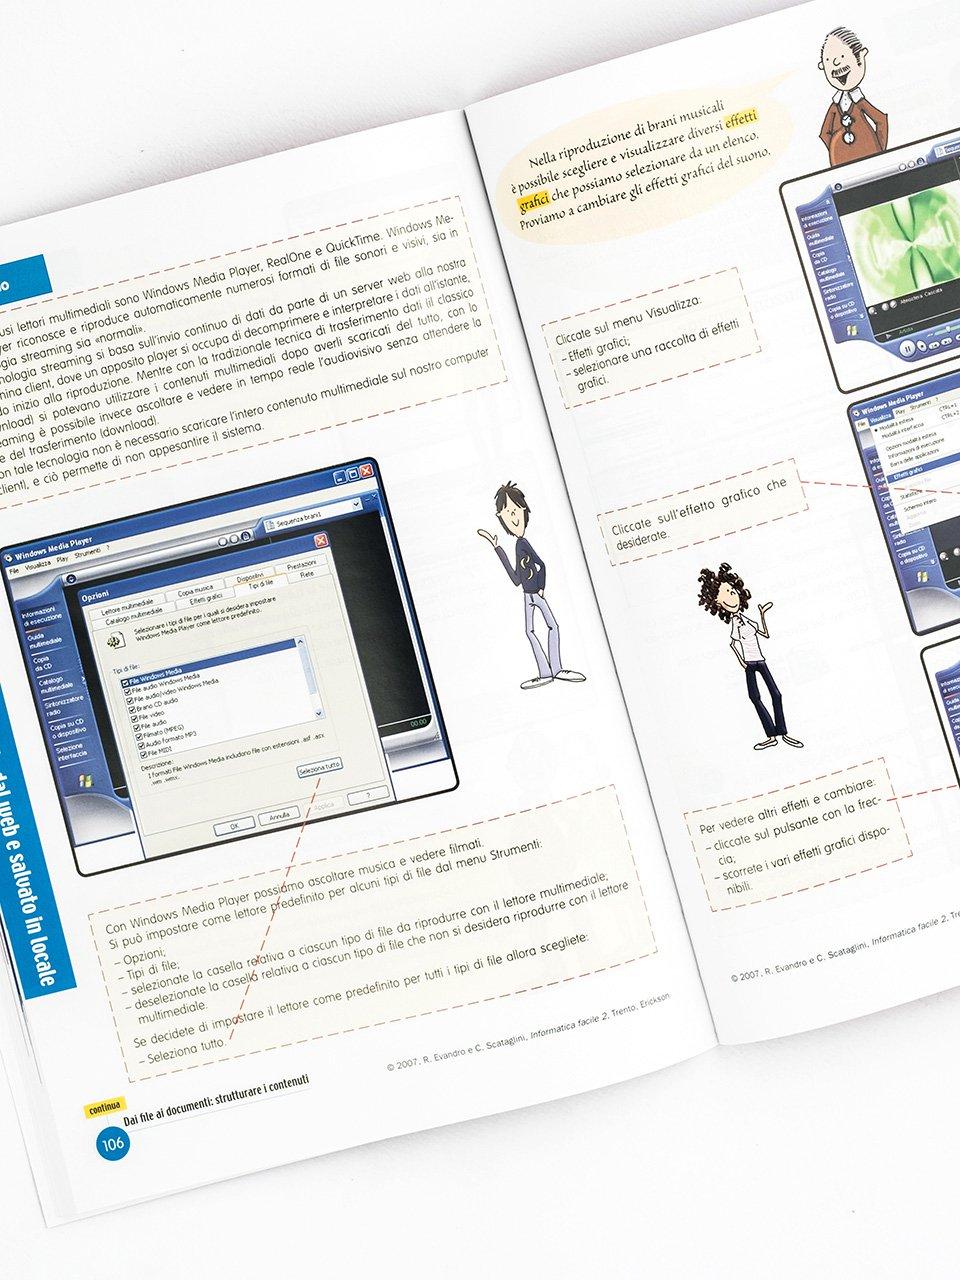 Informatica facile - Volume 2 - Libri - Erickson 2